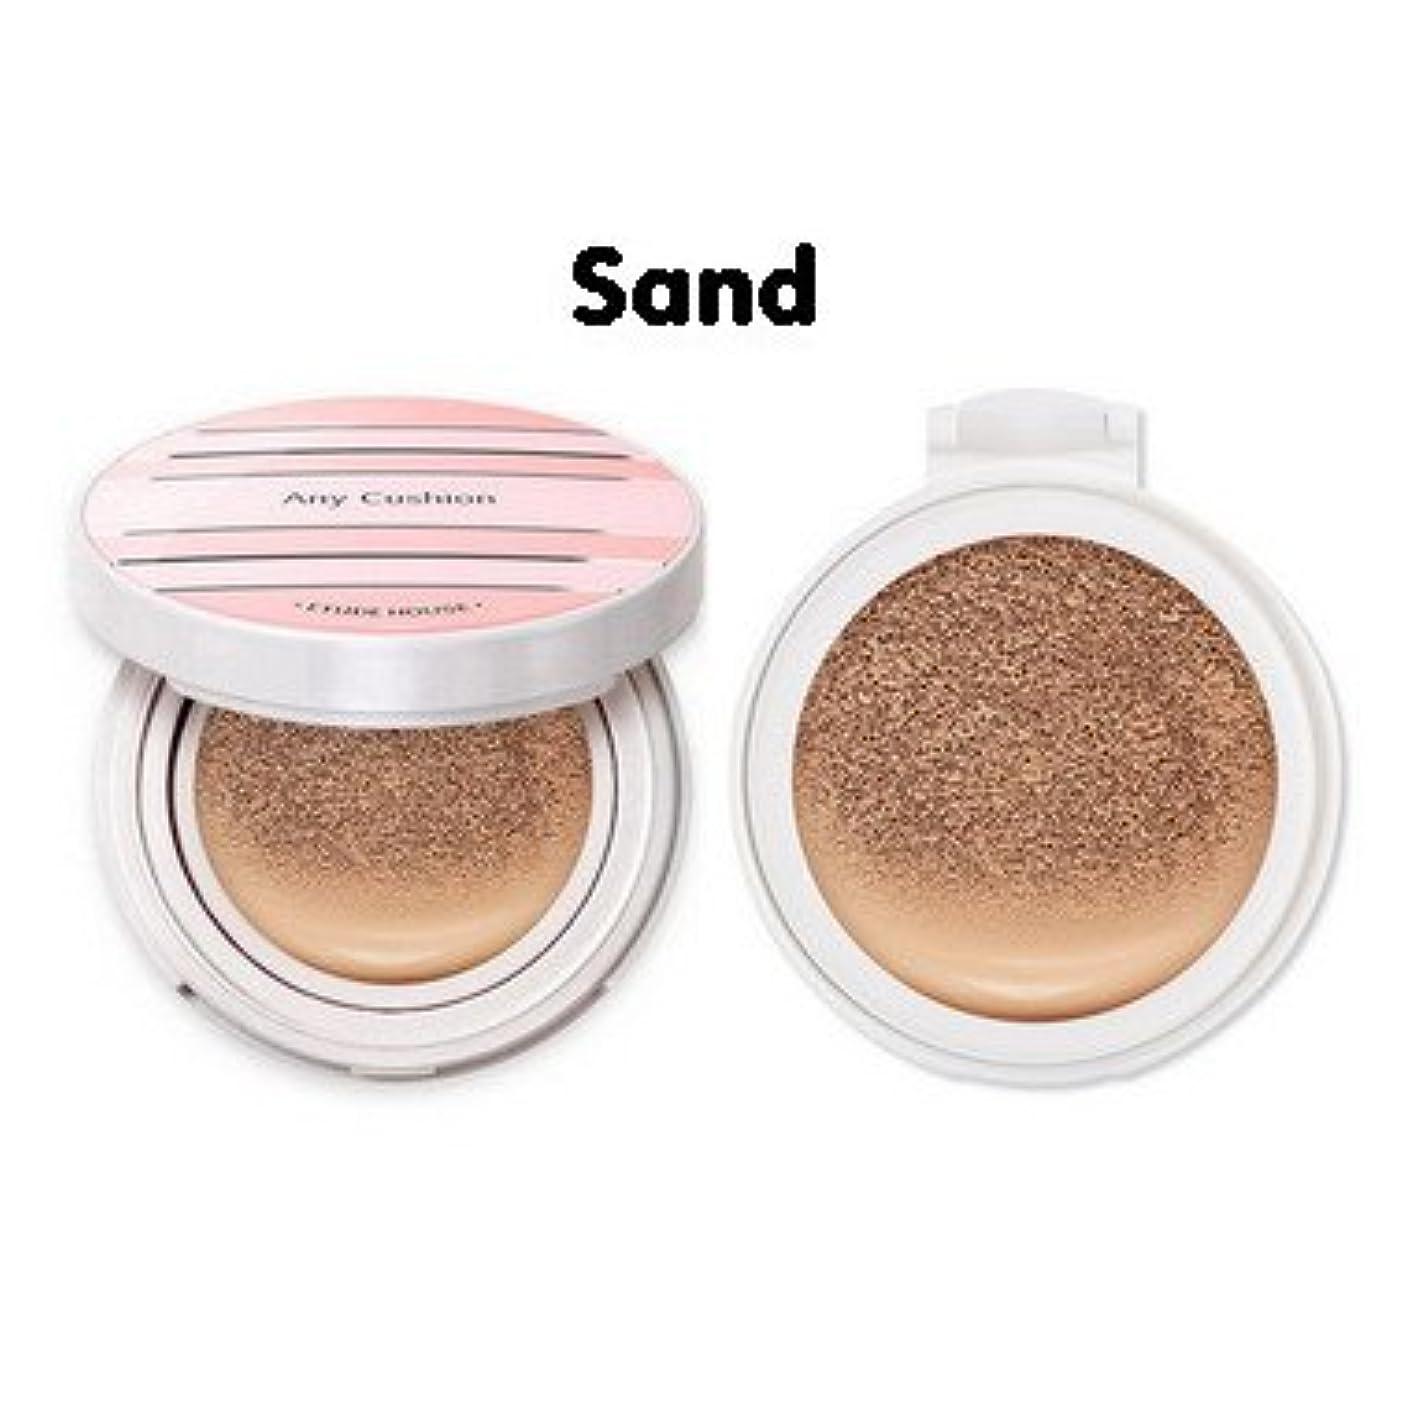 レンダー自然公園冗談で【ETUDE HOUSE(エチュードハウス)】エニクッション オールデーパーフェクト15g+15g (本品+リフィル) (SPF50+/ PA+++) (6カラー選択1) (Sand) [並行輸入品]